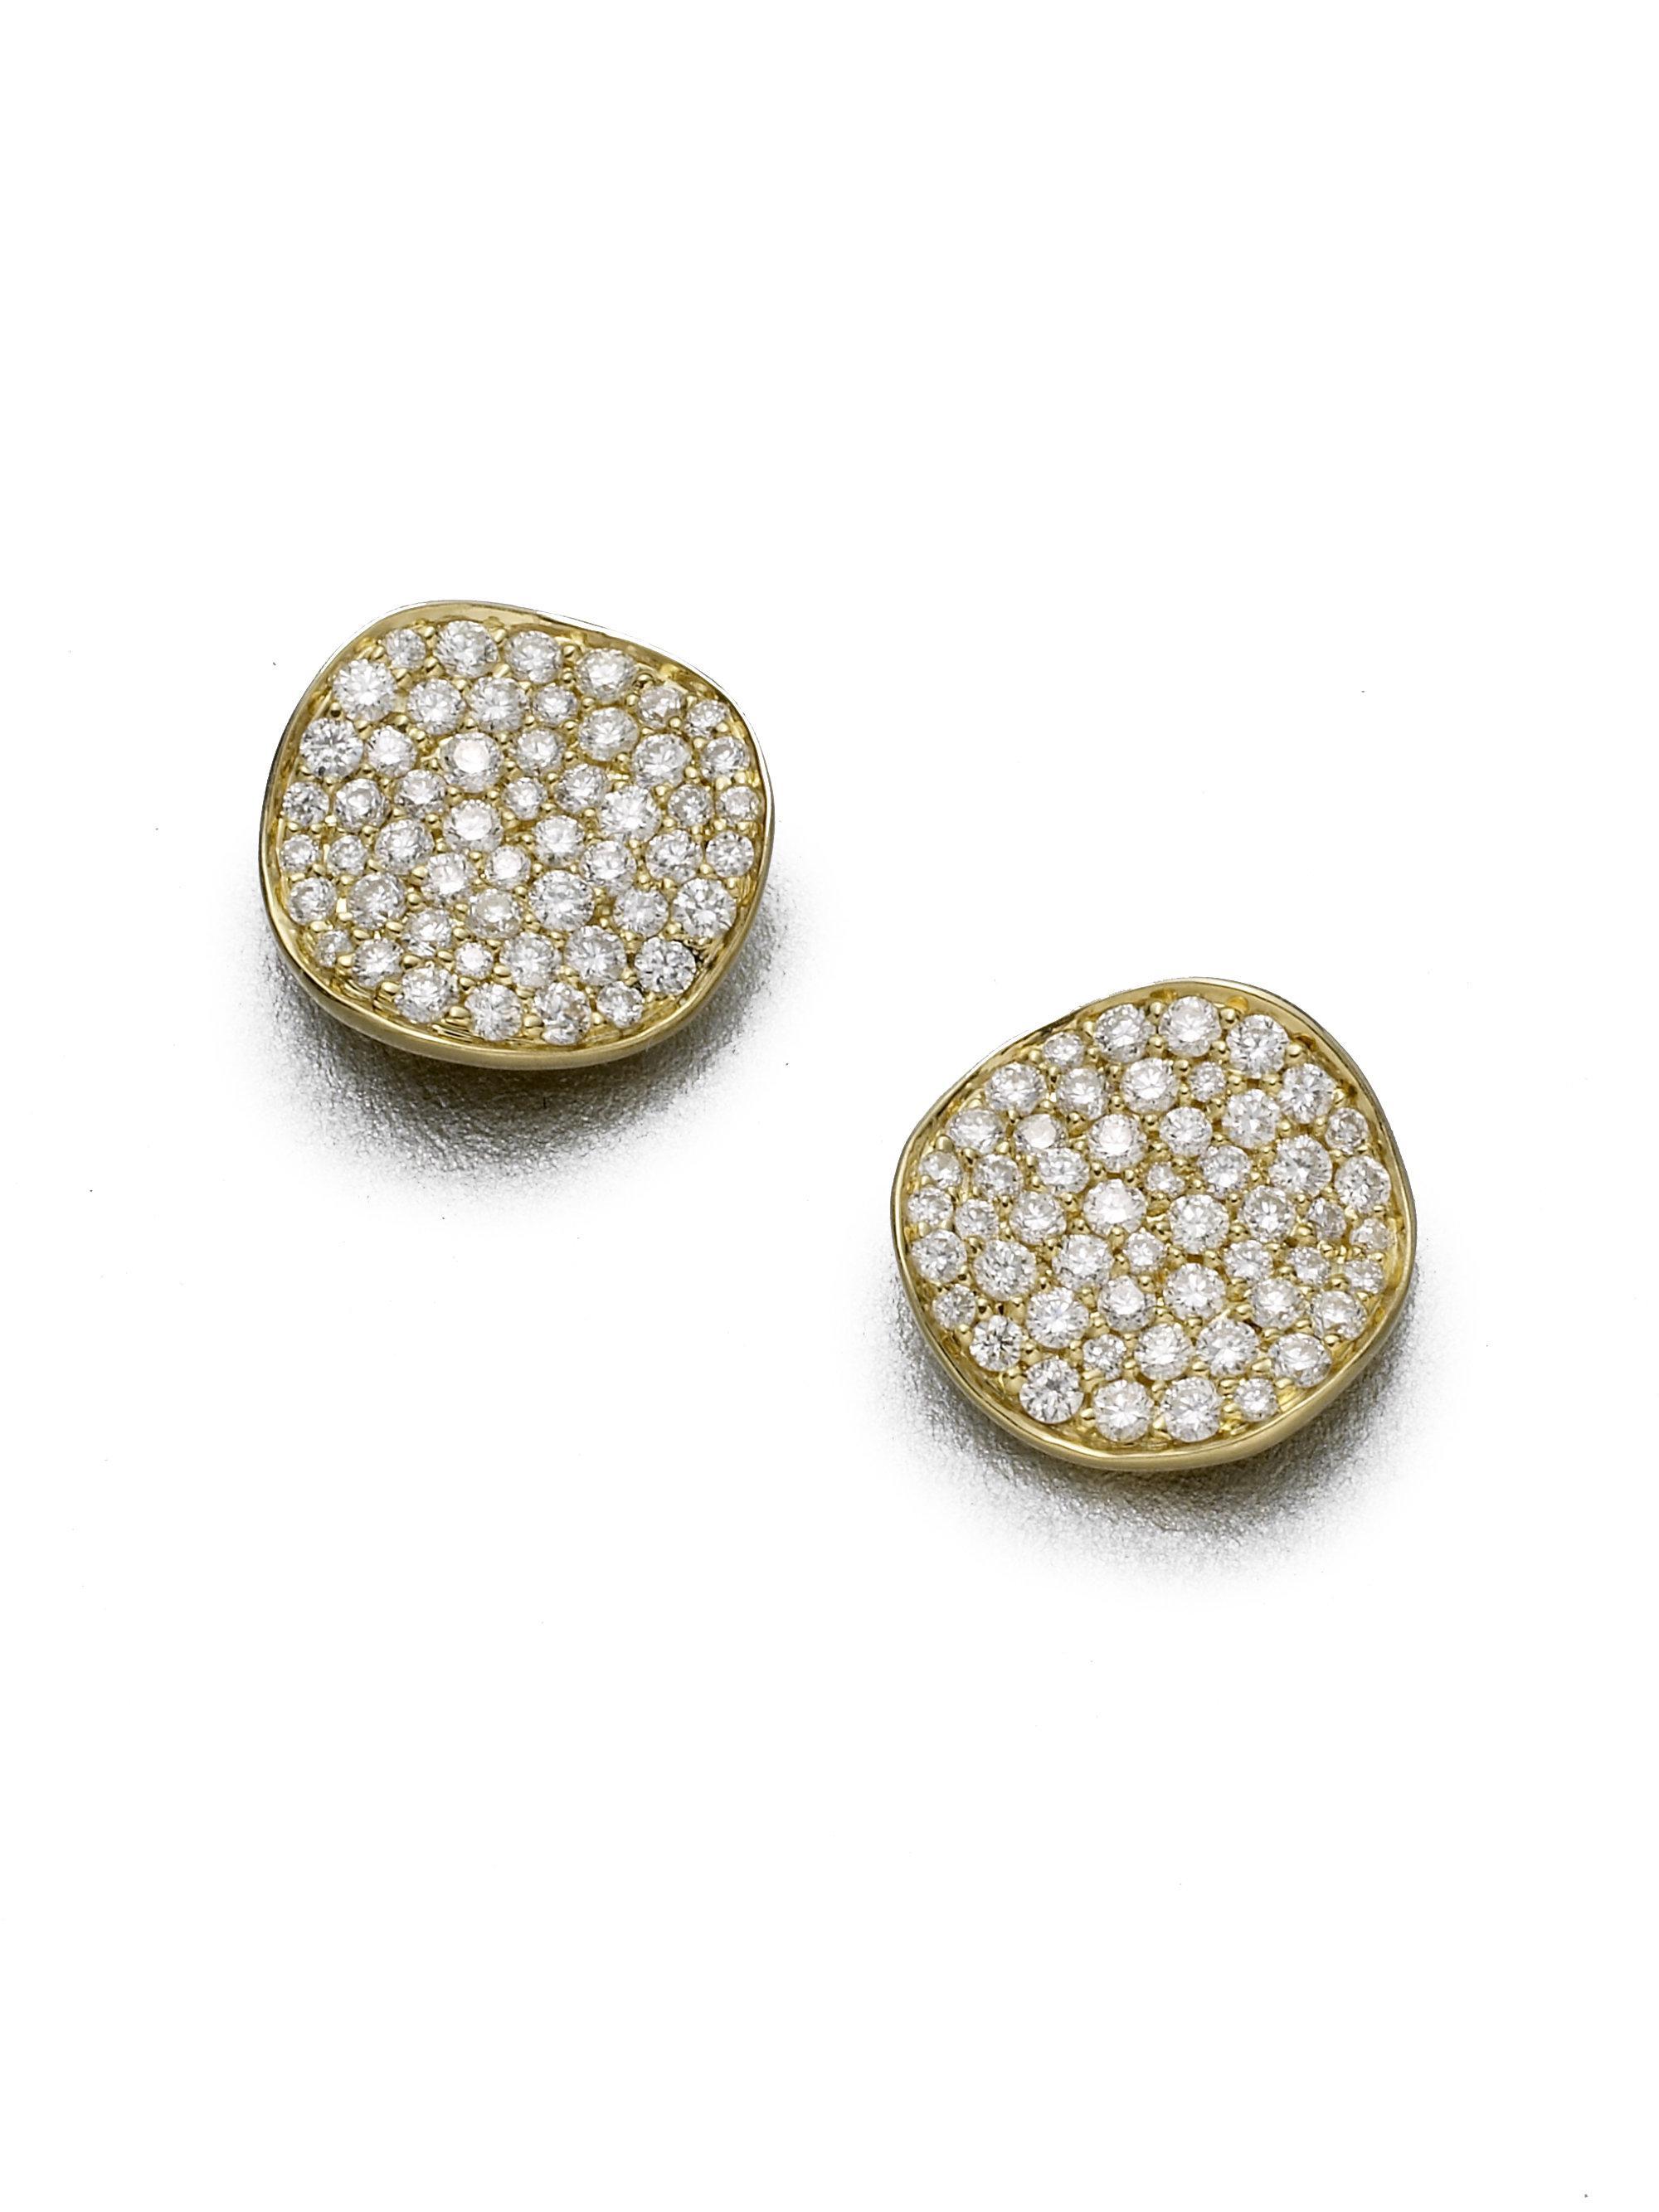 Ippolita Stardust Diamond Stud Earrings iuALqnd